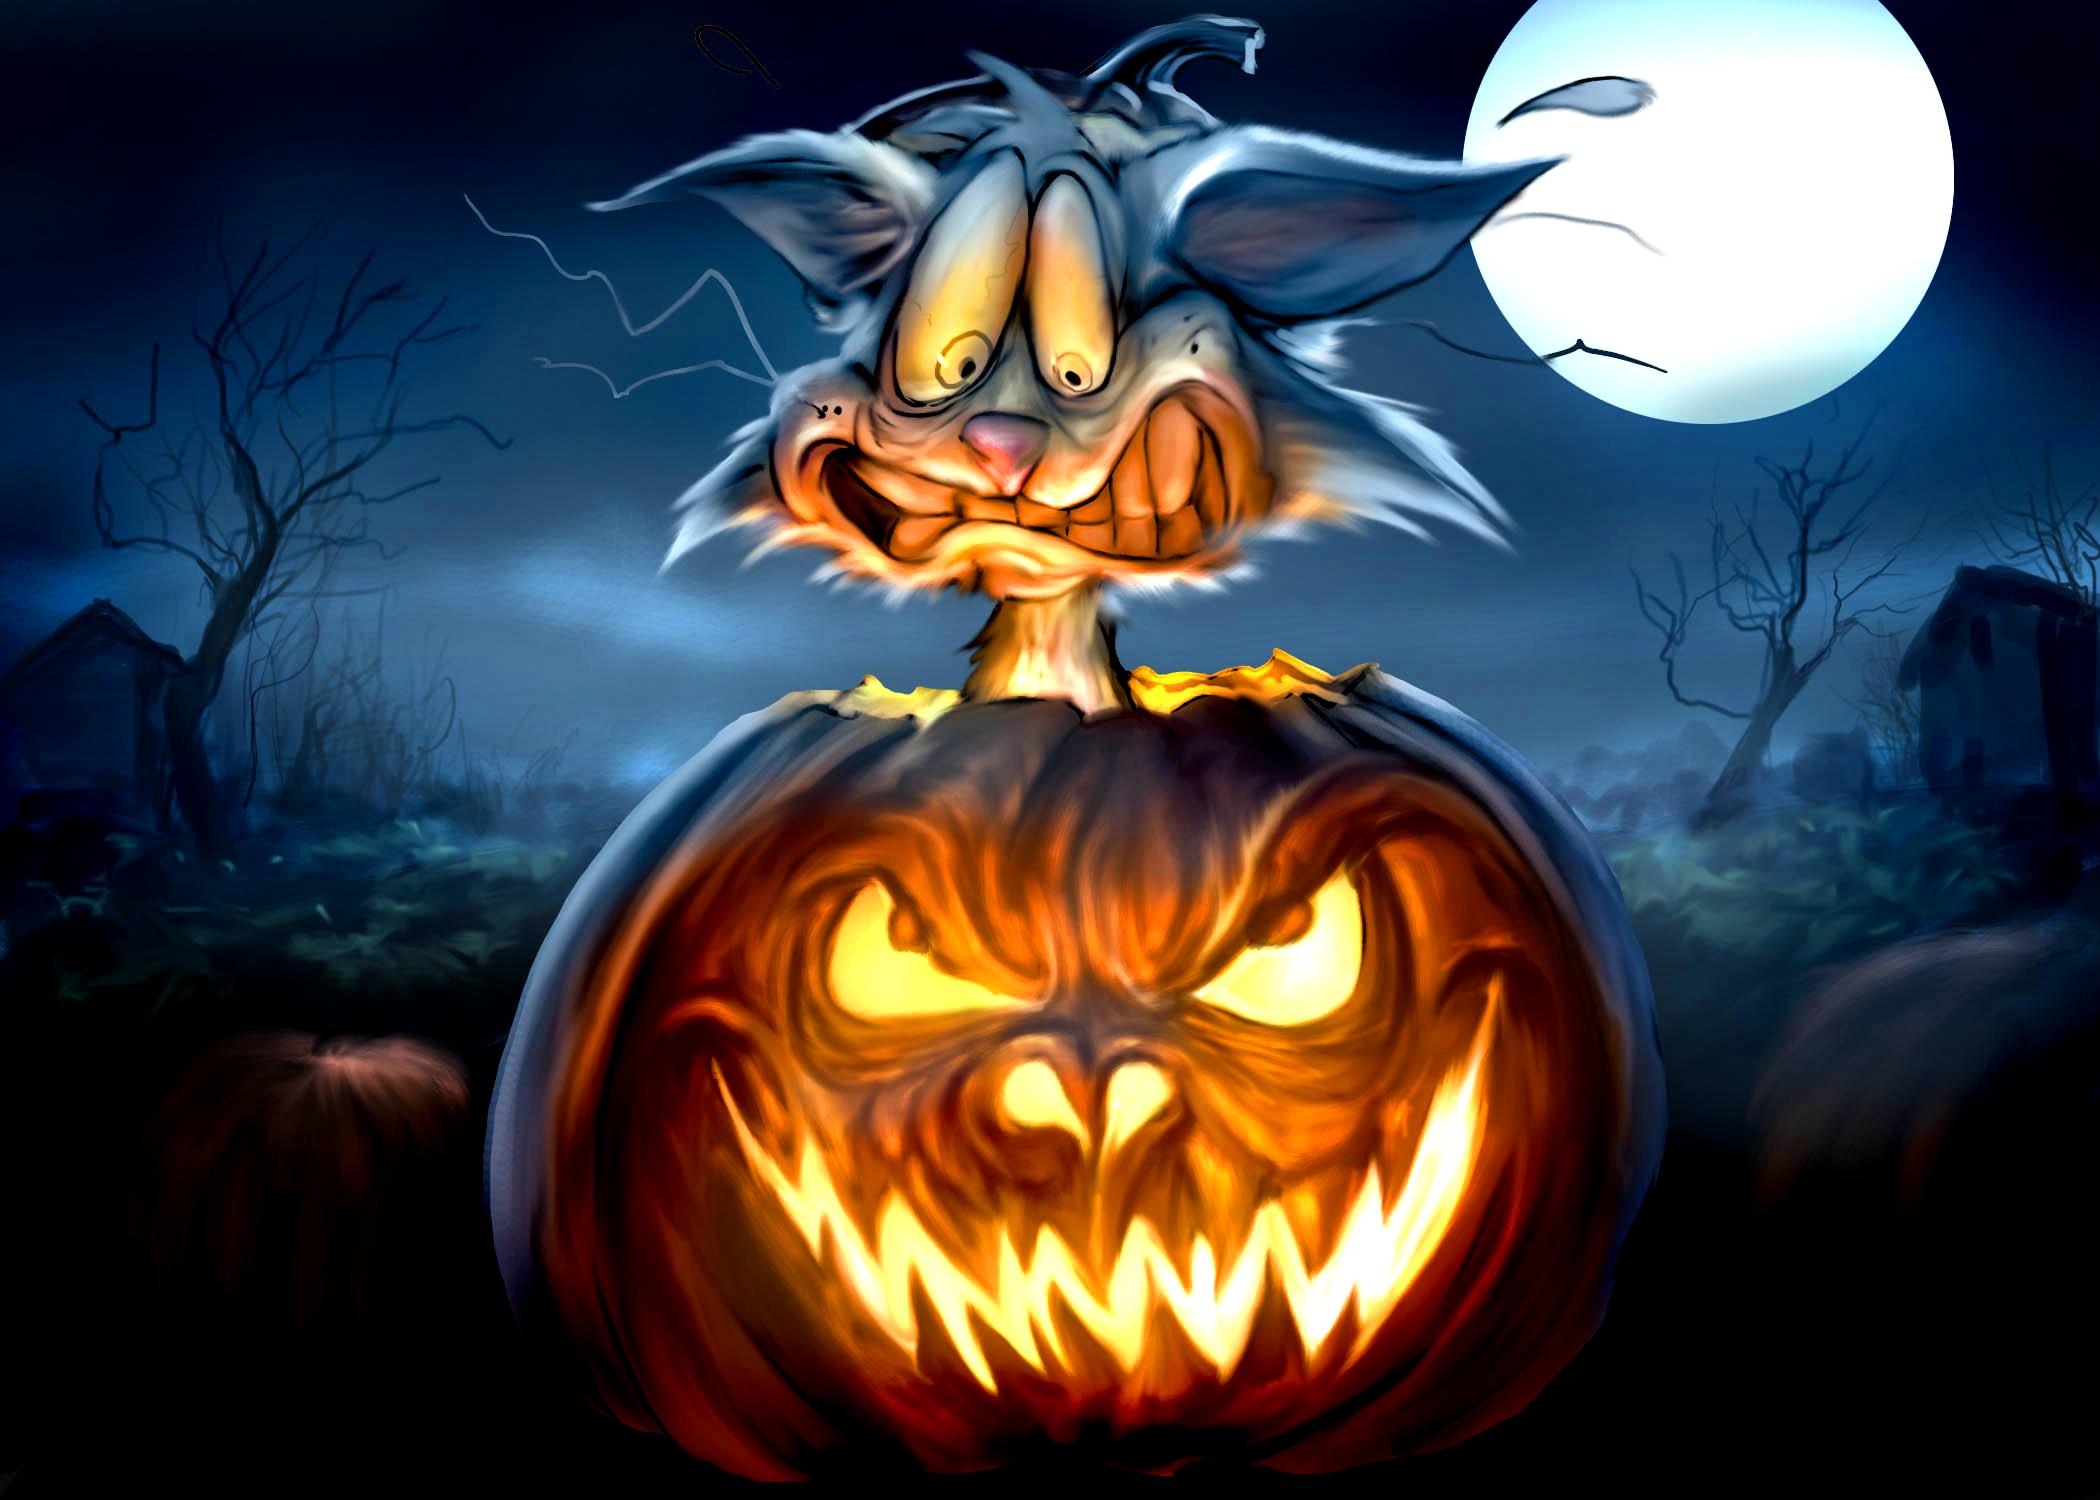 Best Happy Halloween Wallpapers Wallpaper Download - High ...